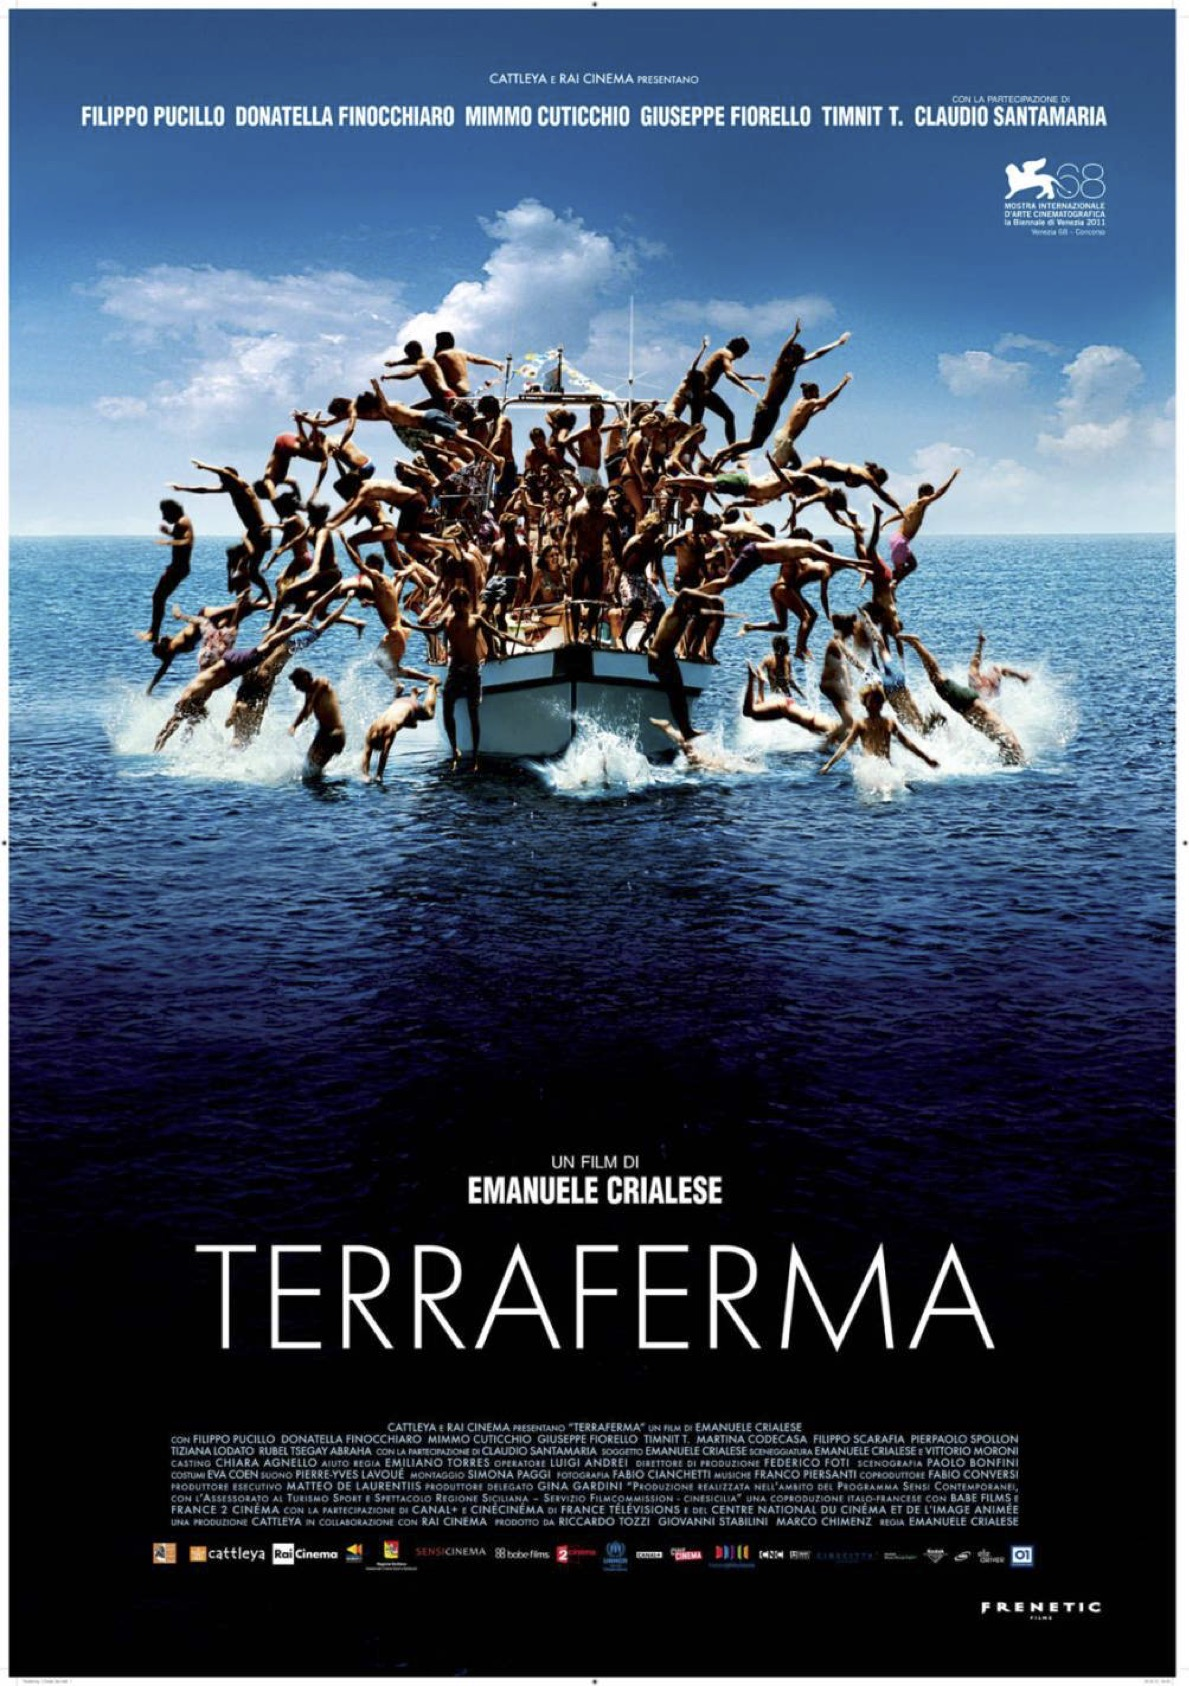 affiche terraferma